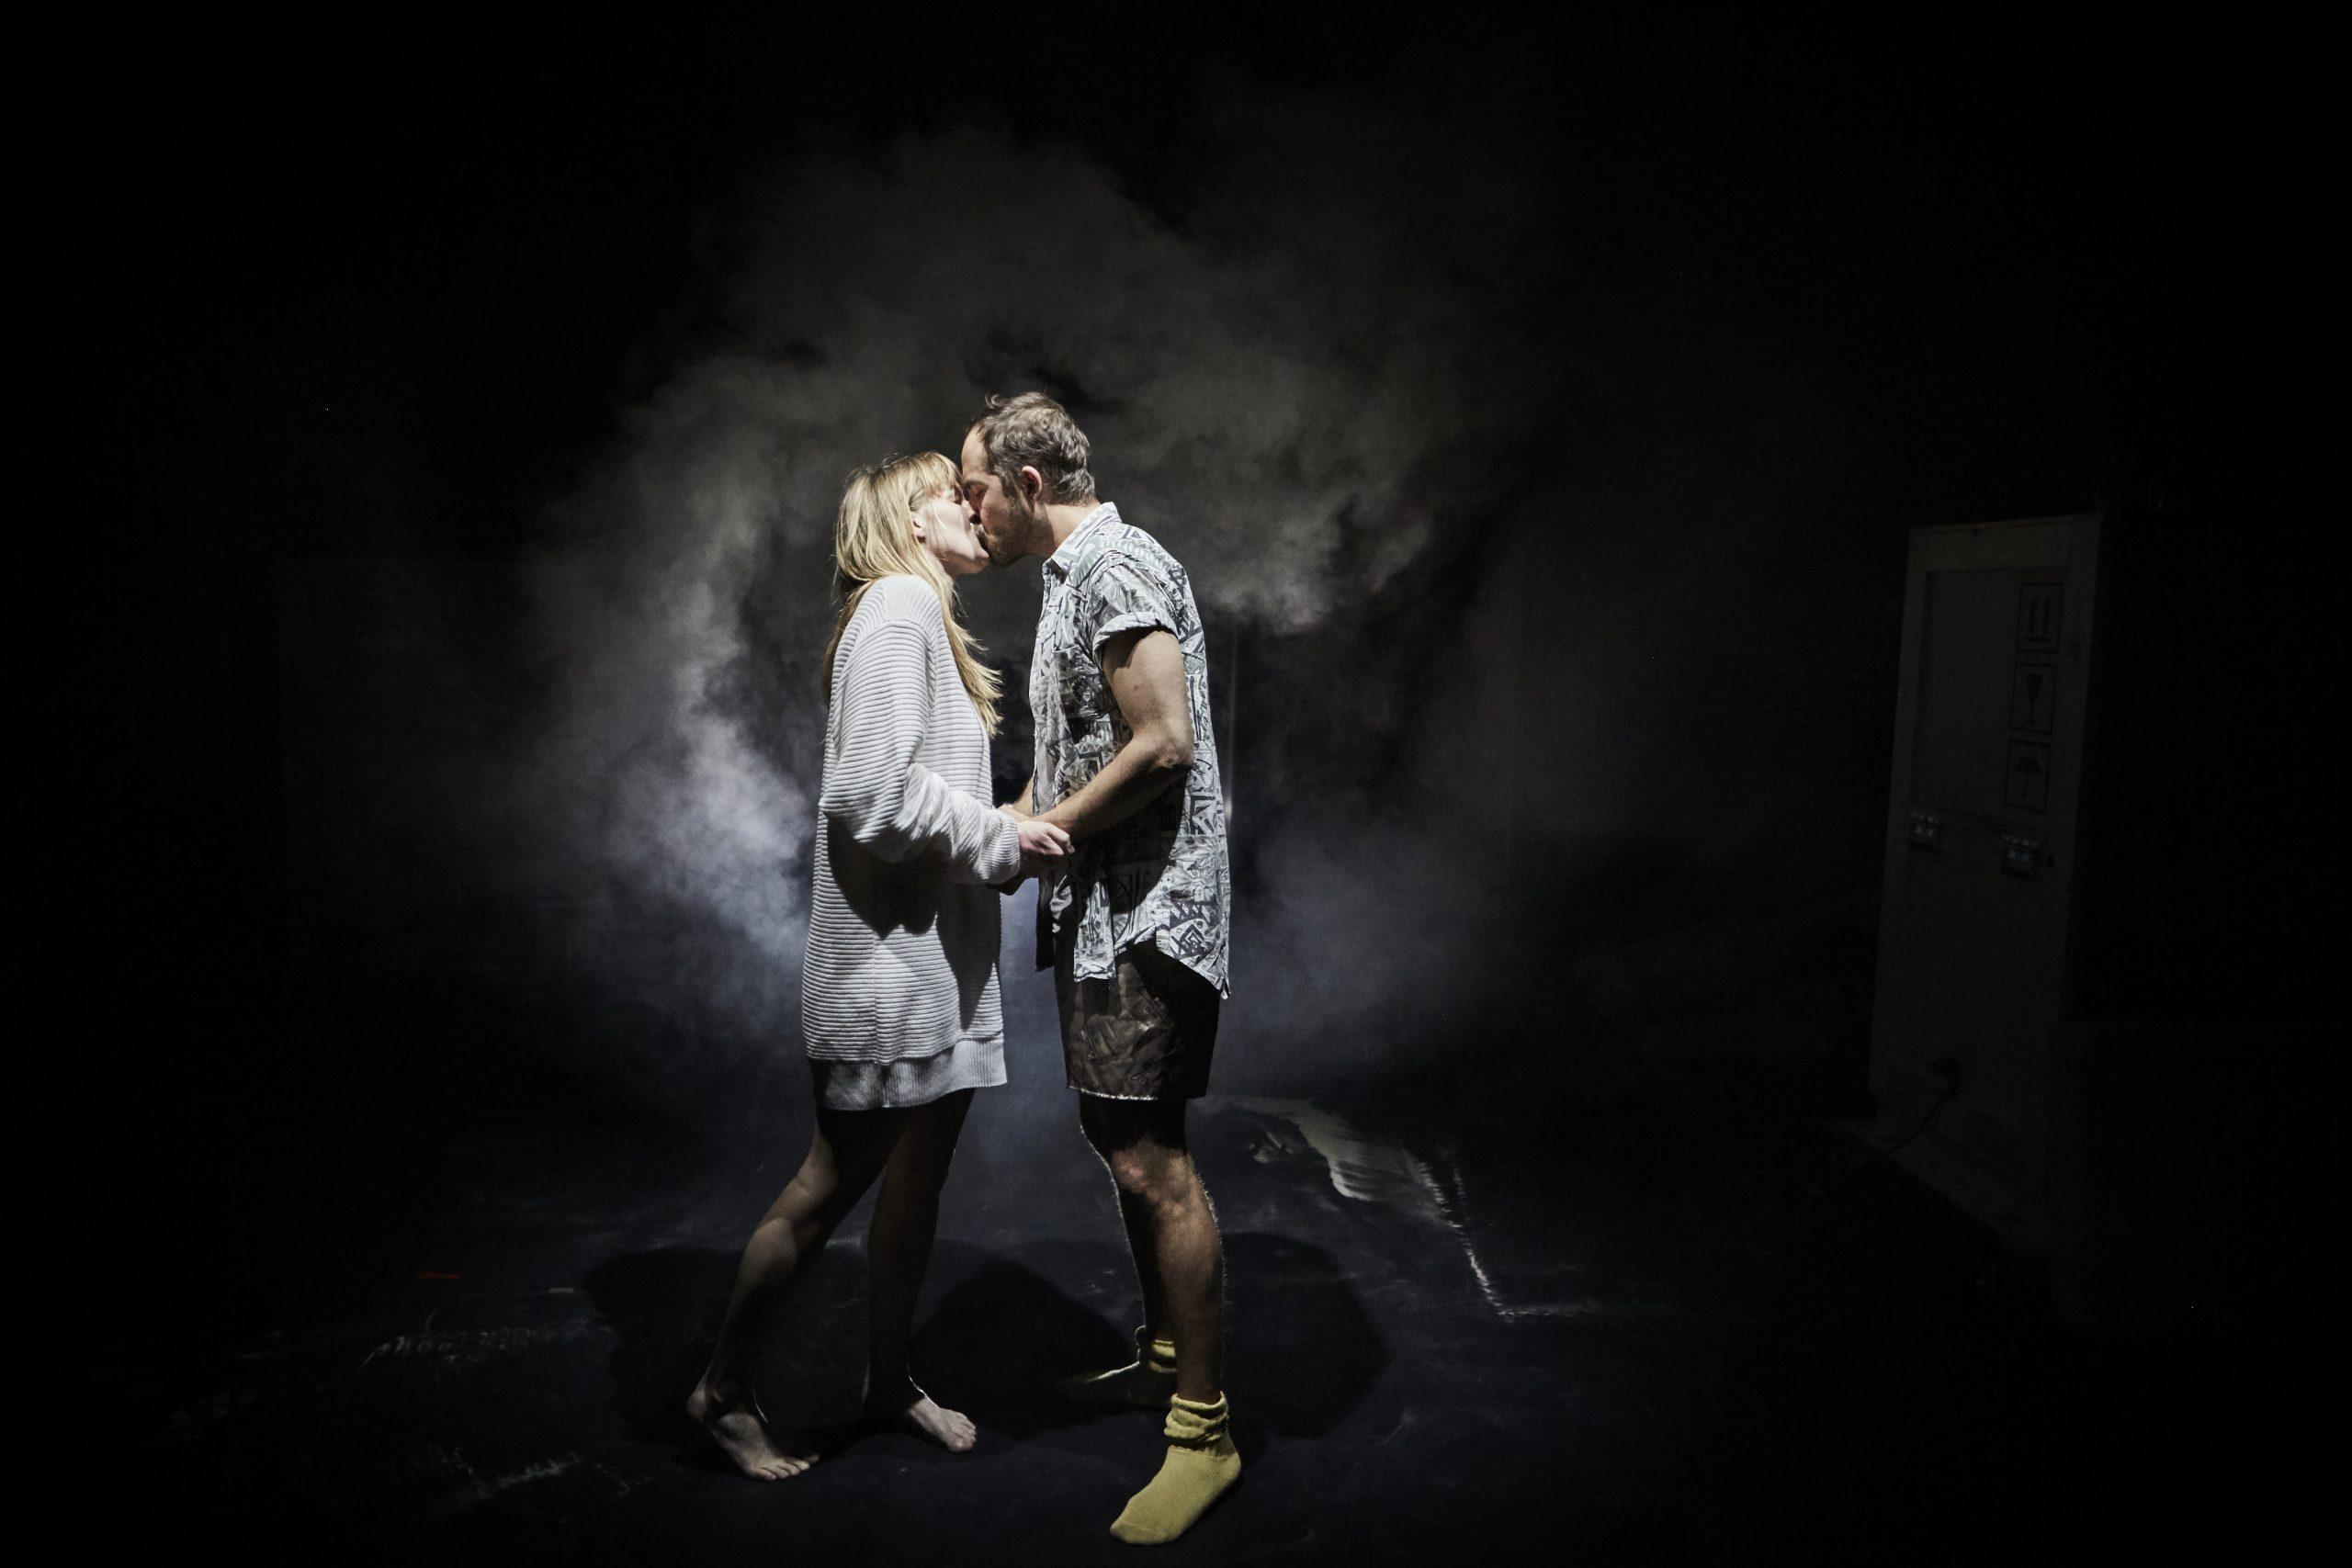 Anmeldelse: Dig og mig ved daggry, Teater Nordkraft (virtuelt)